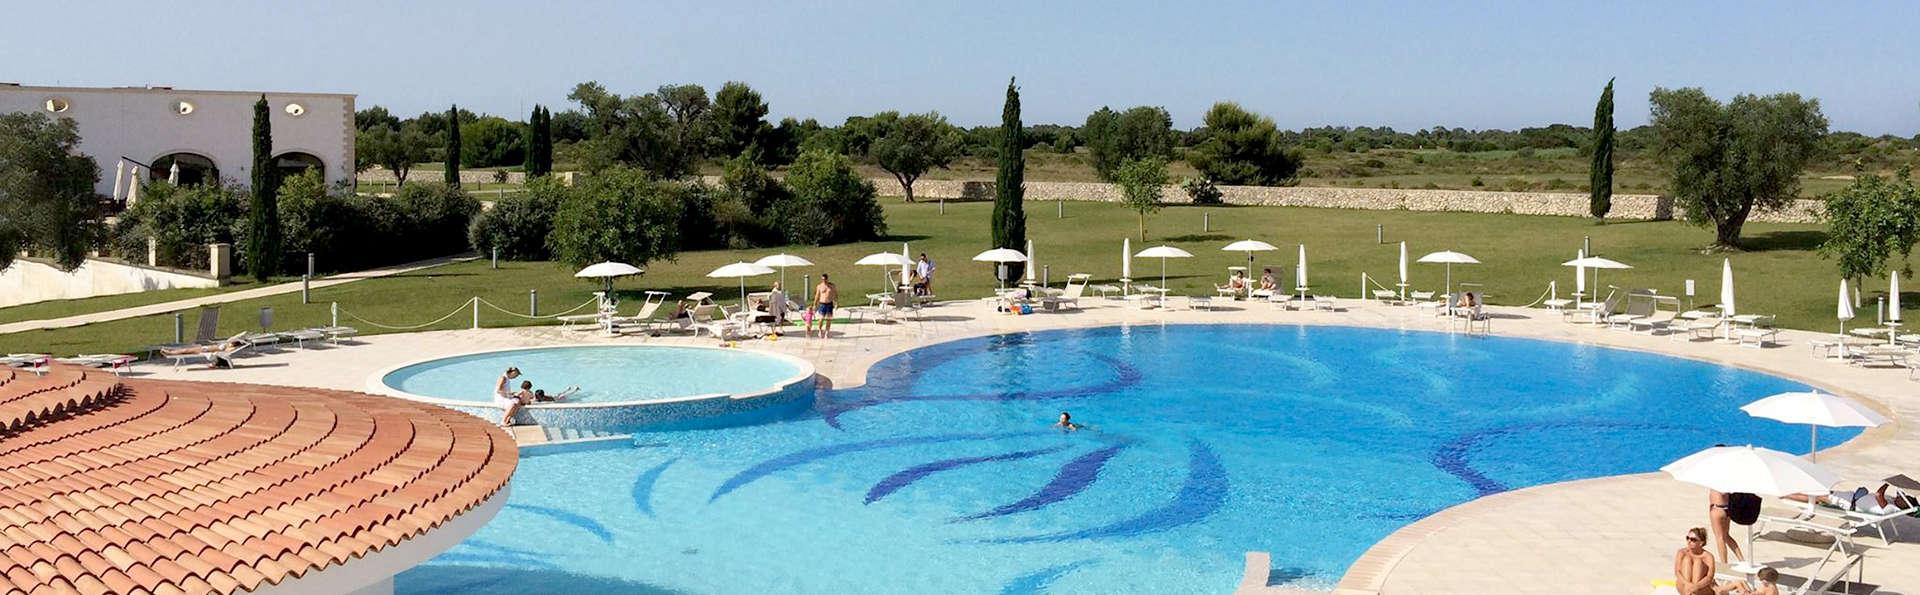 Soggiorno di benessere in Salento in un resort con accesso alla SPA